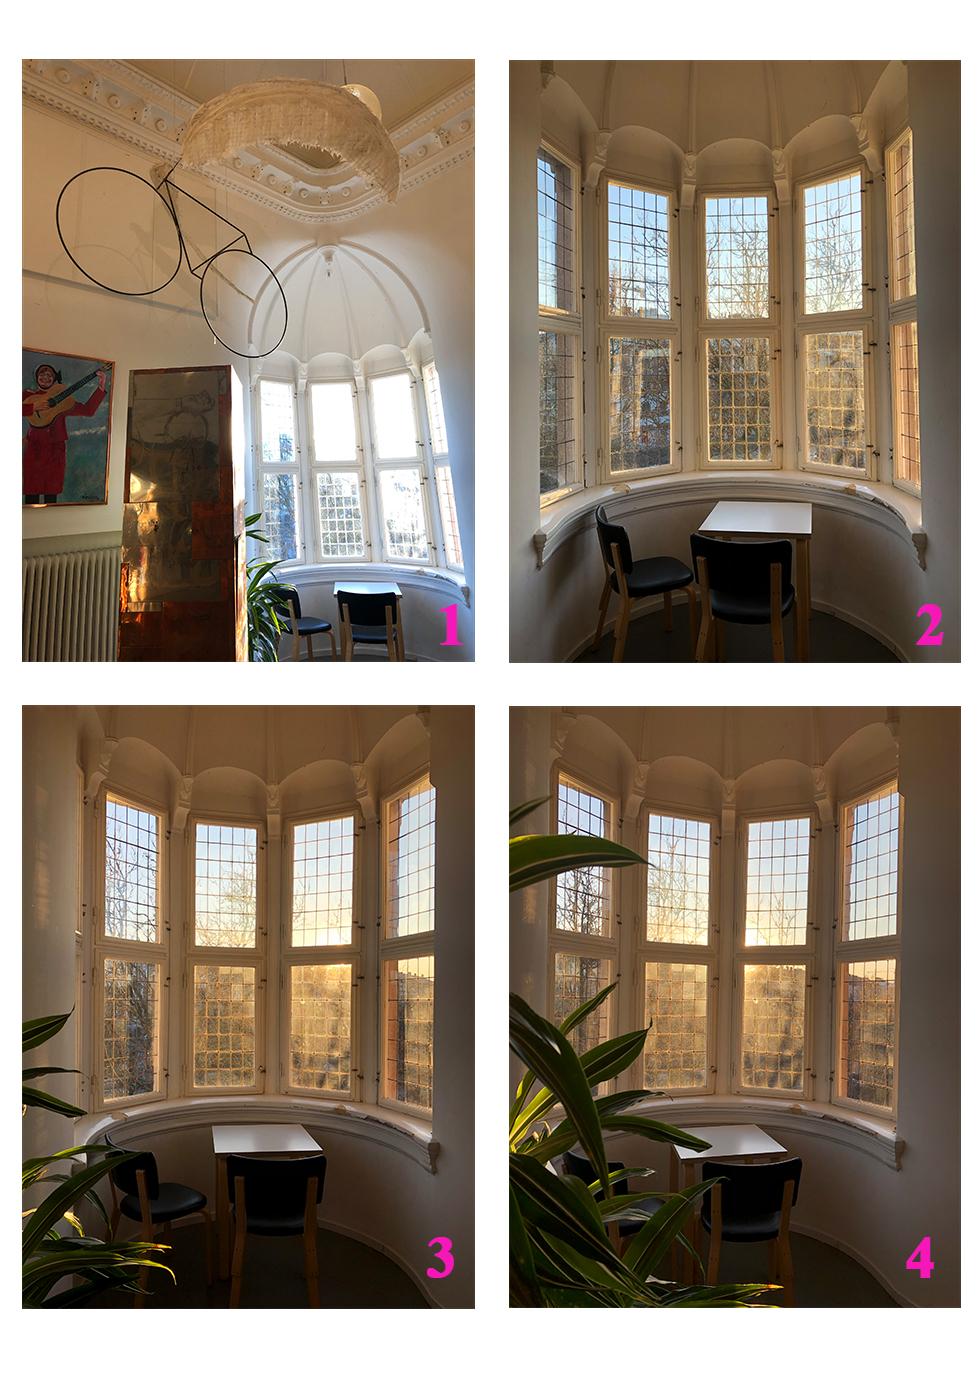 Foto nummer 1: mijöbild med arbetsplats i nedersta högra hörnet. Foto nummer 2: arbetsplatsen i fokus i centern av bilden. Foto nummer 3: Arbetsplatsen i fokus med växt i förgrunden. Foto i nummer 4: arbetsplats i fokus med ännu mer av växten förgrunden.